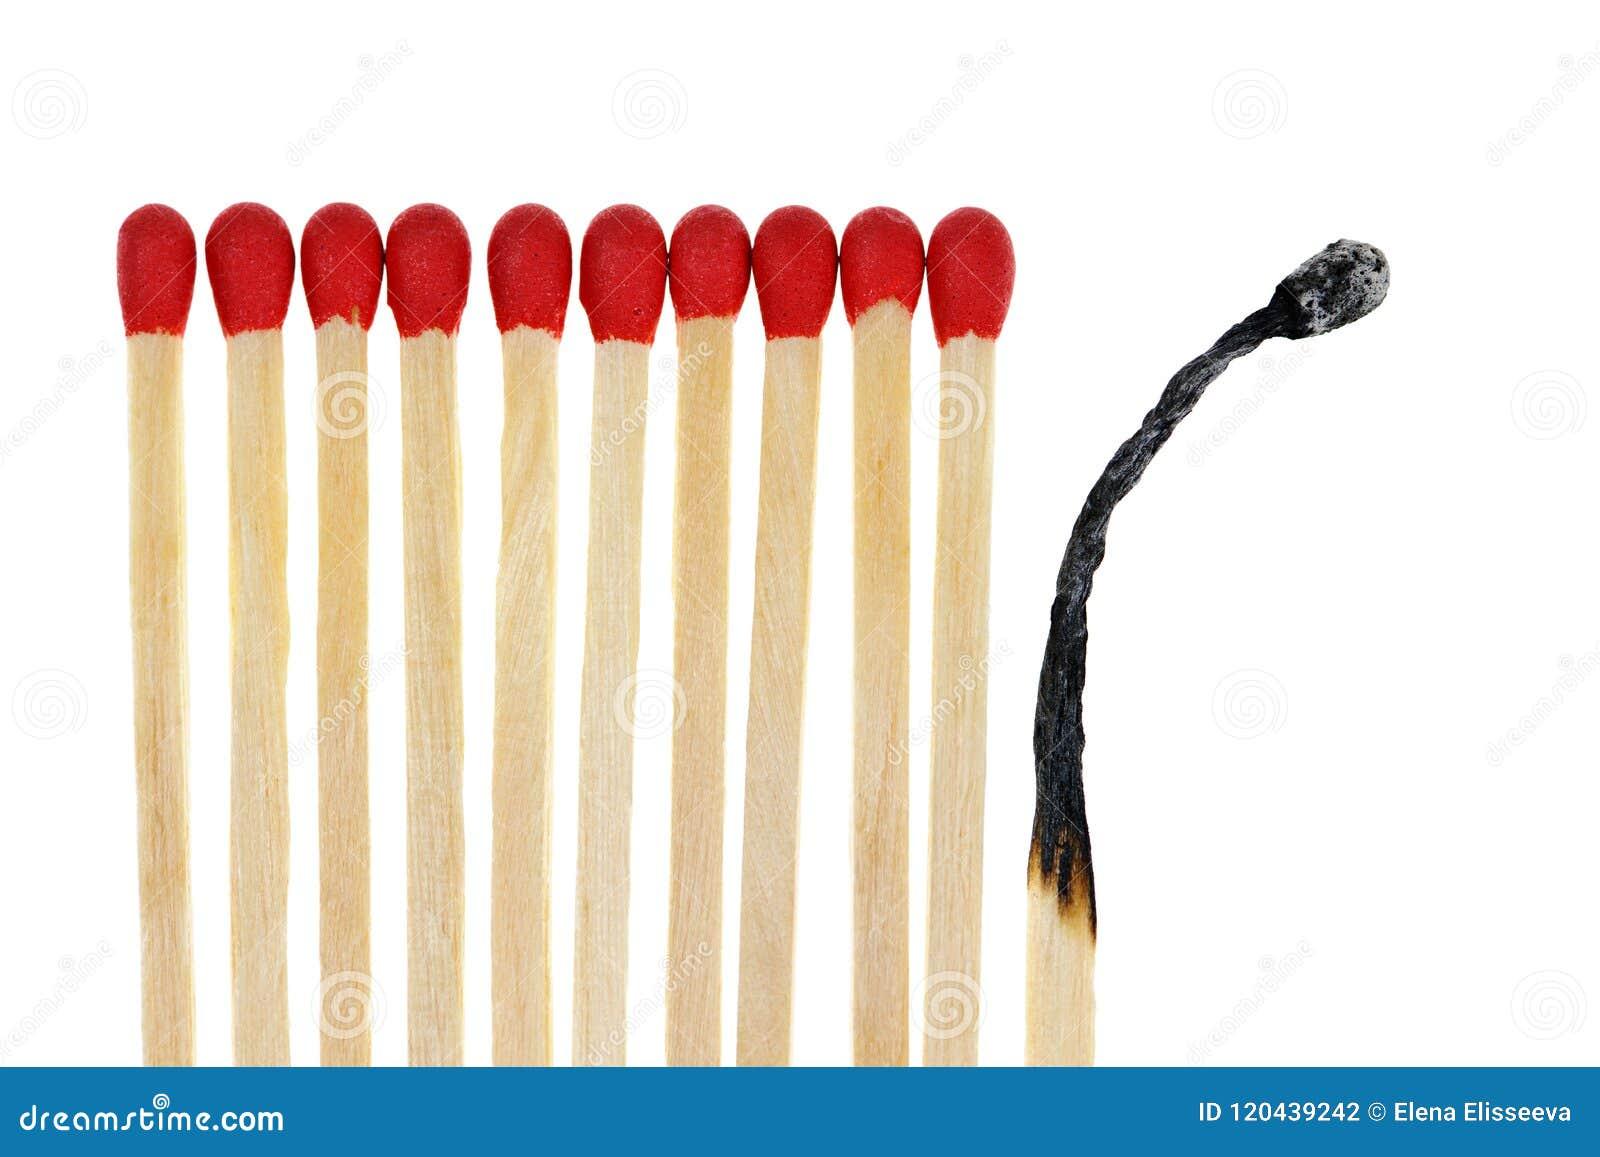 Gelijken met één uit:branden